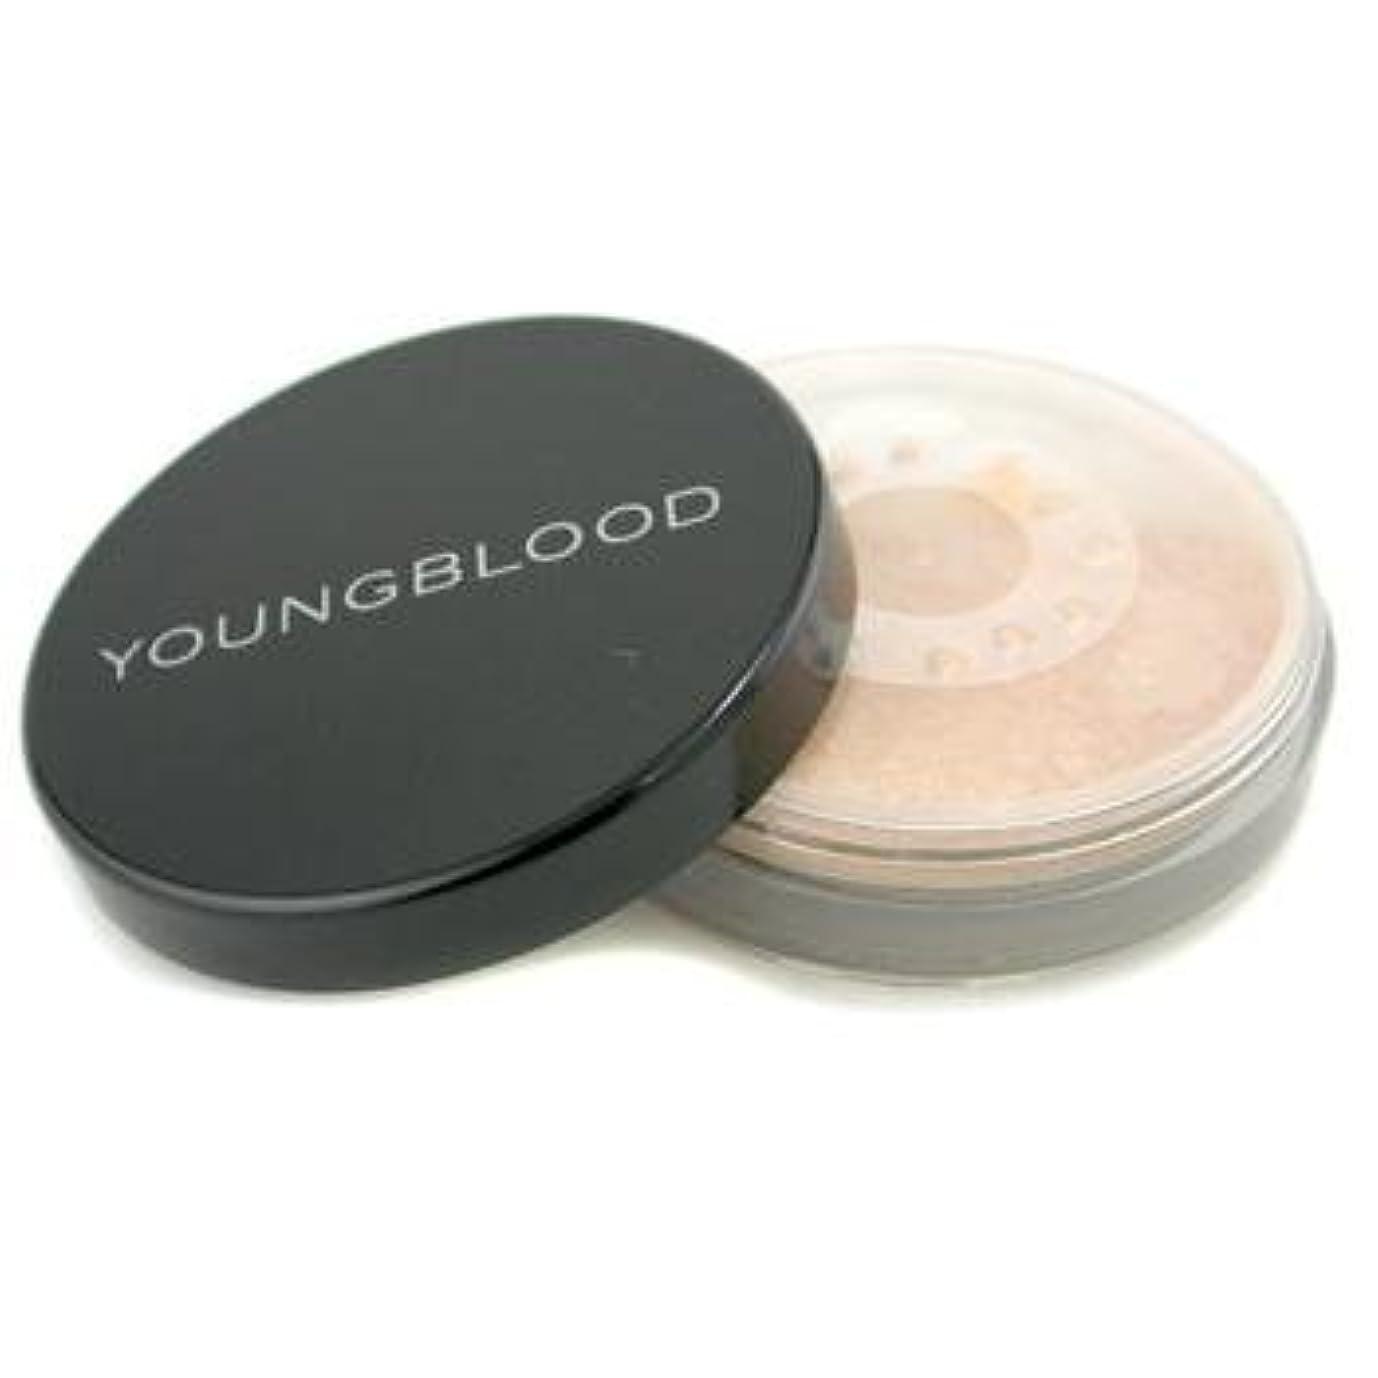 ブリーク投資する宣言するヤングブラッド ミネラルパウダーファンデーション ベアリーベ-ジュ 10g YOUNG BLOOD